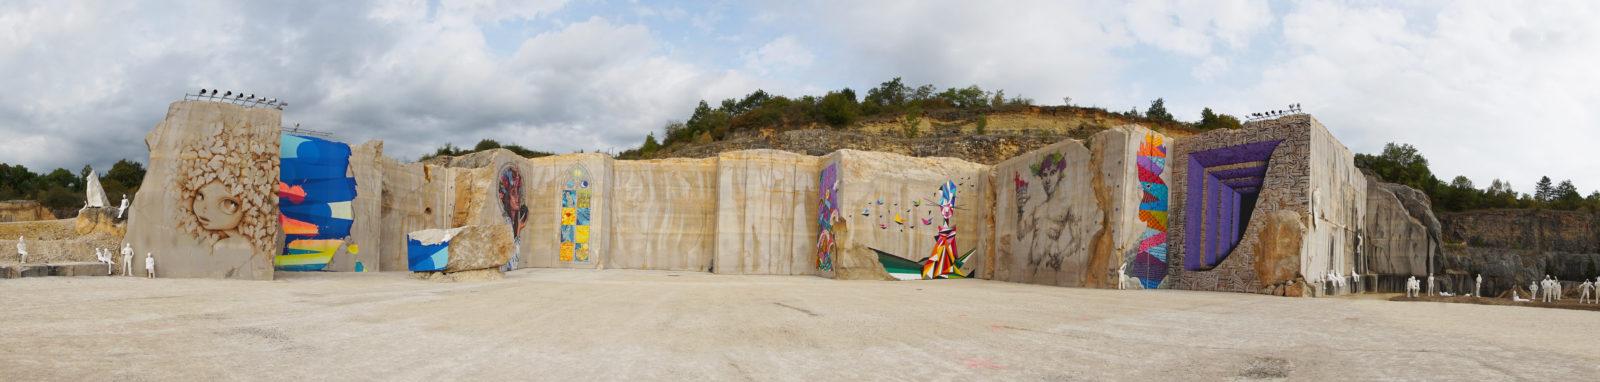 La Karriere panoramique - En Bourgogne, des fresques murales monumentales réveillent une ancienne carrière !